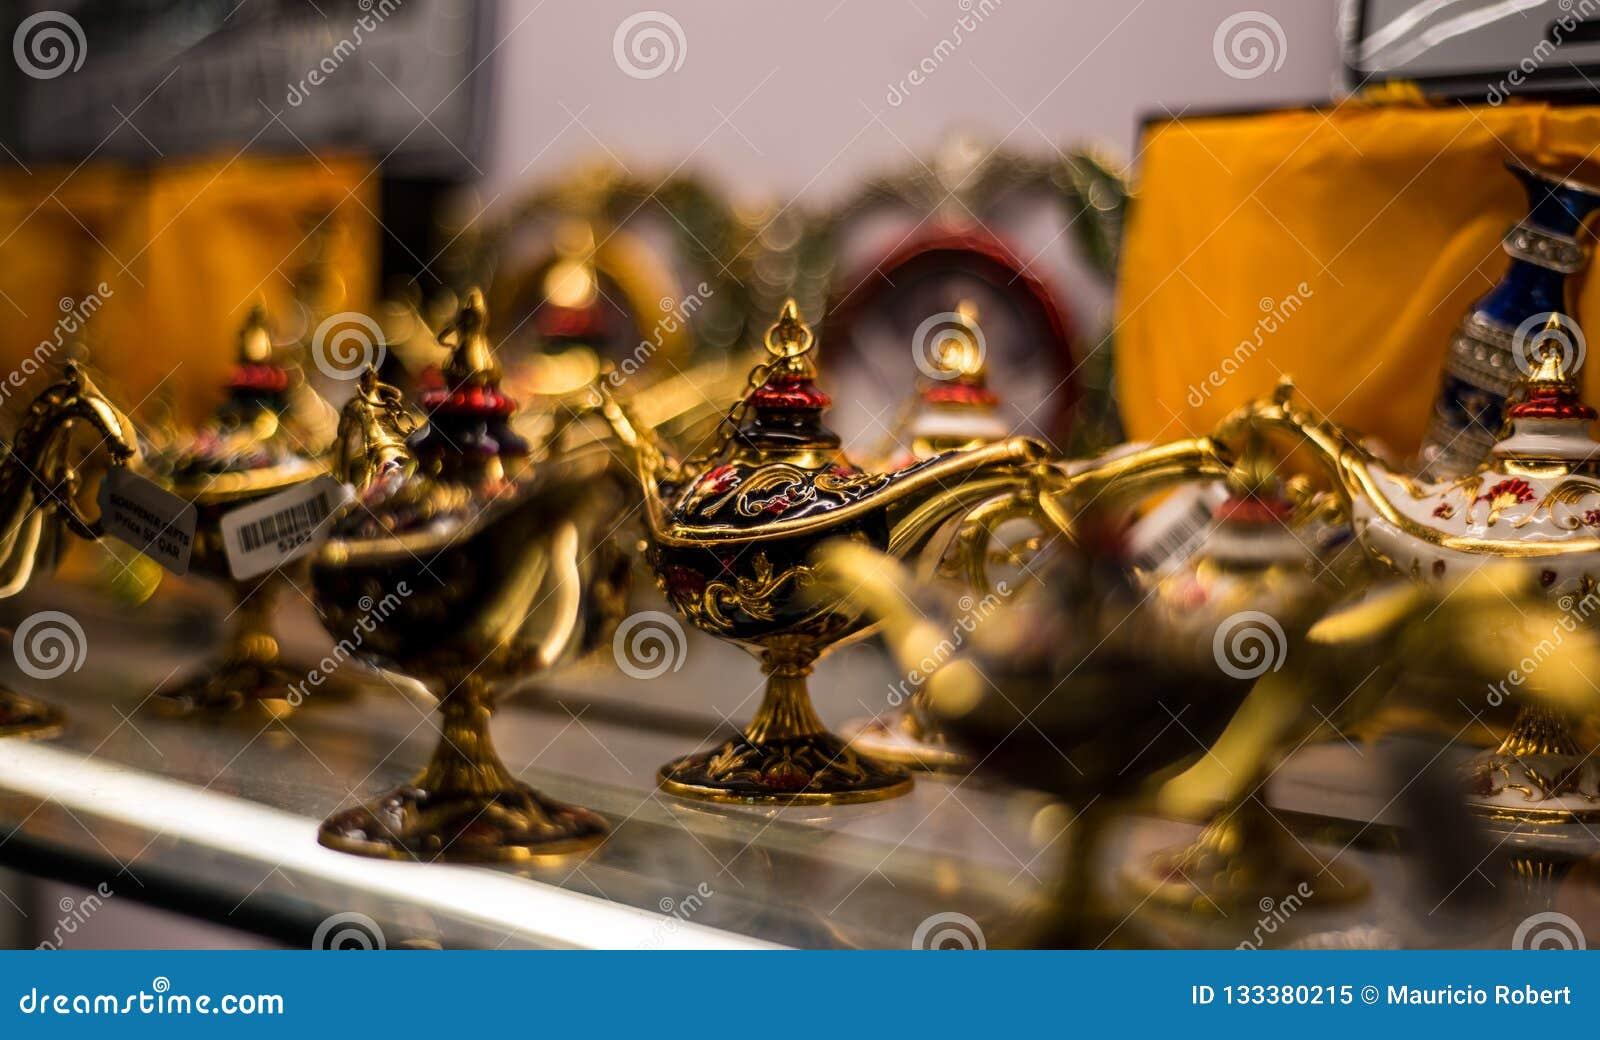 Aladin lampy dla pamiątek w Souq Waqif